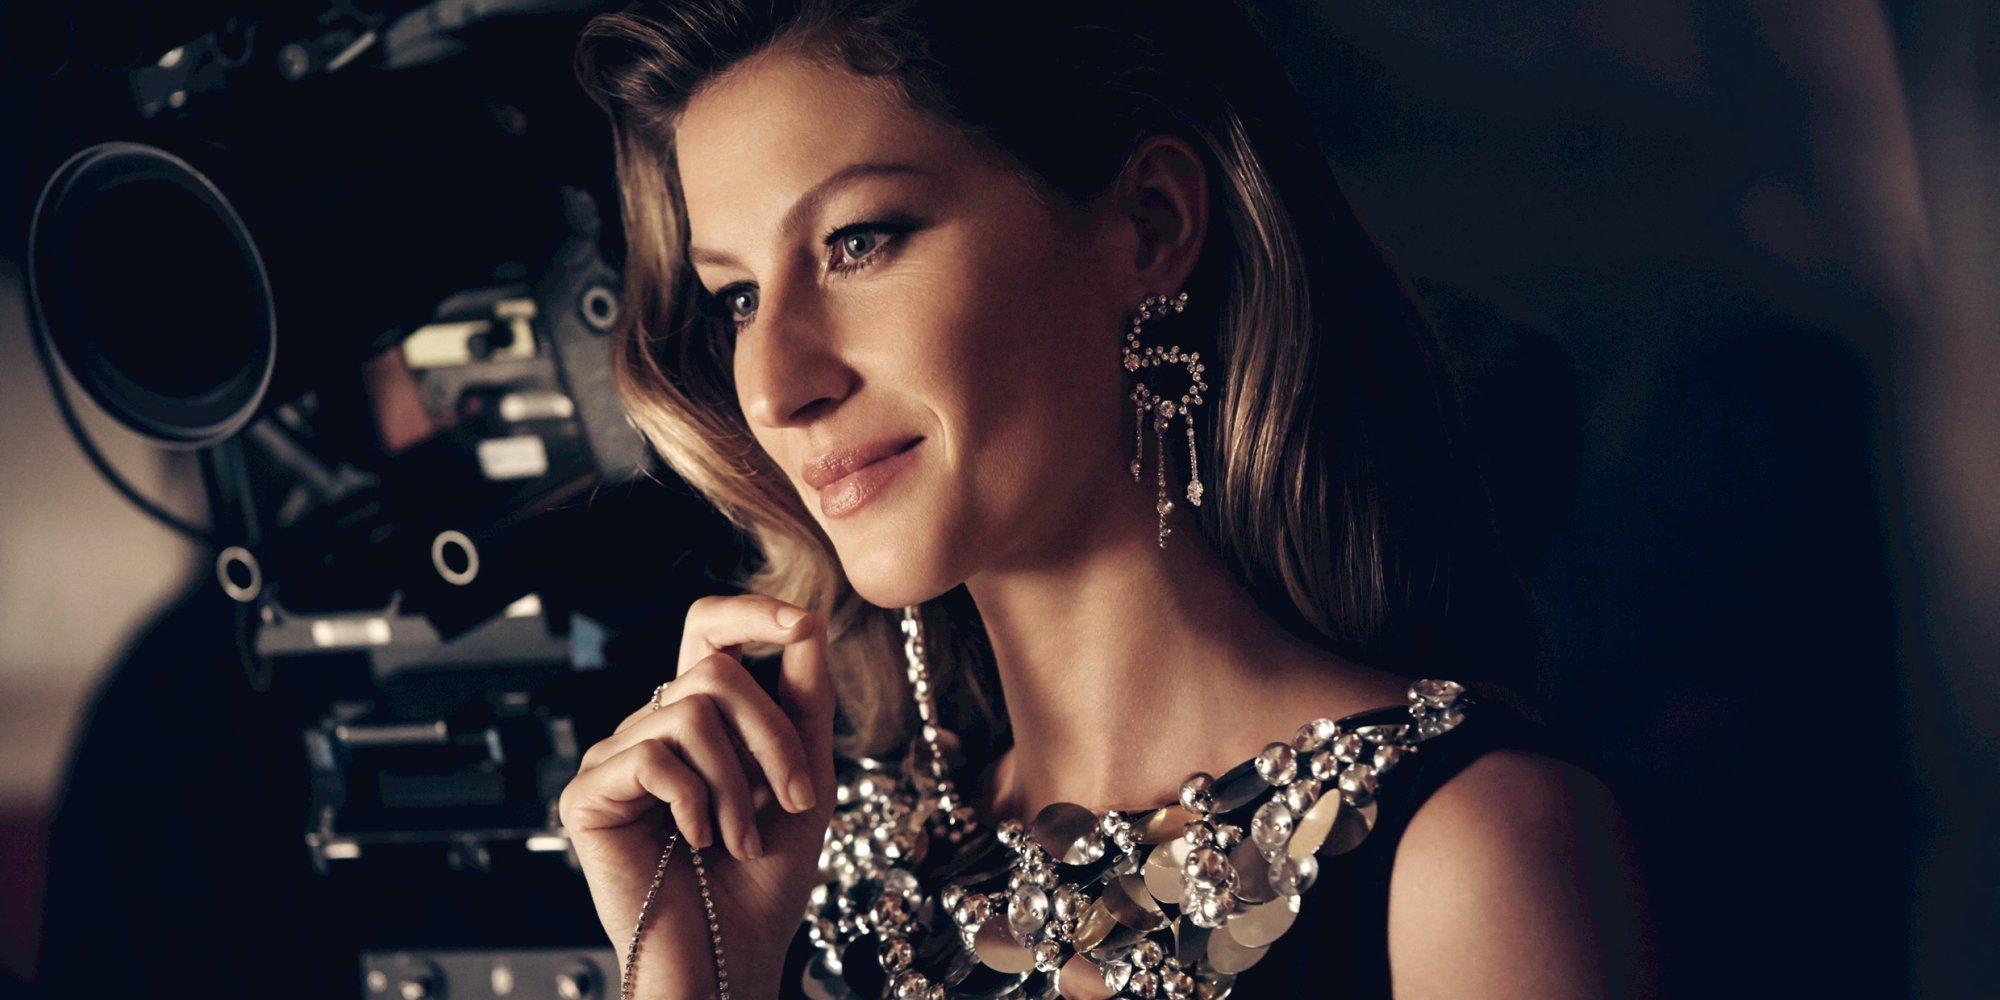 Gisele Bundchen's Chanel No. 5 Commercial Has Us Envious ... Gisele Bundchen Facebook